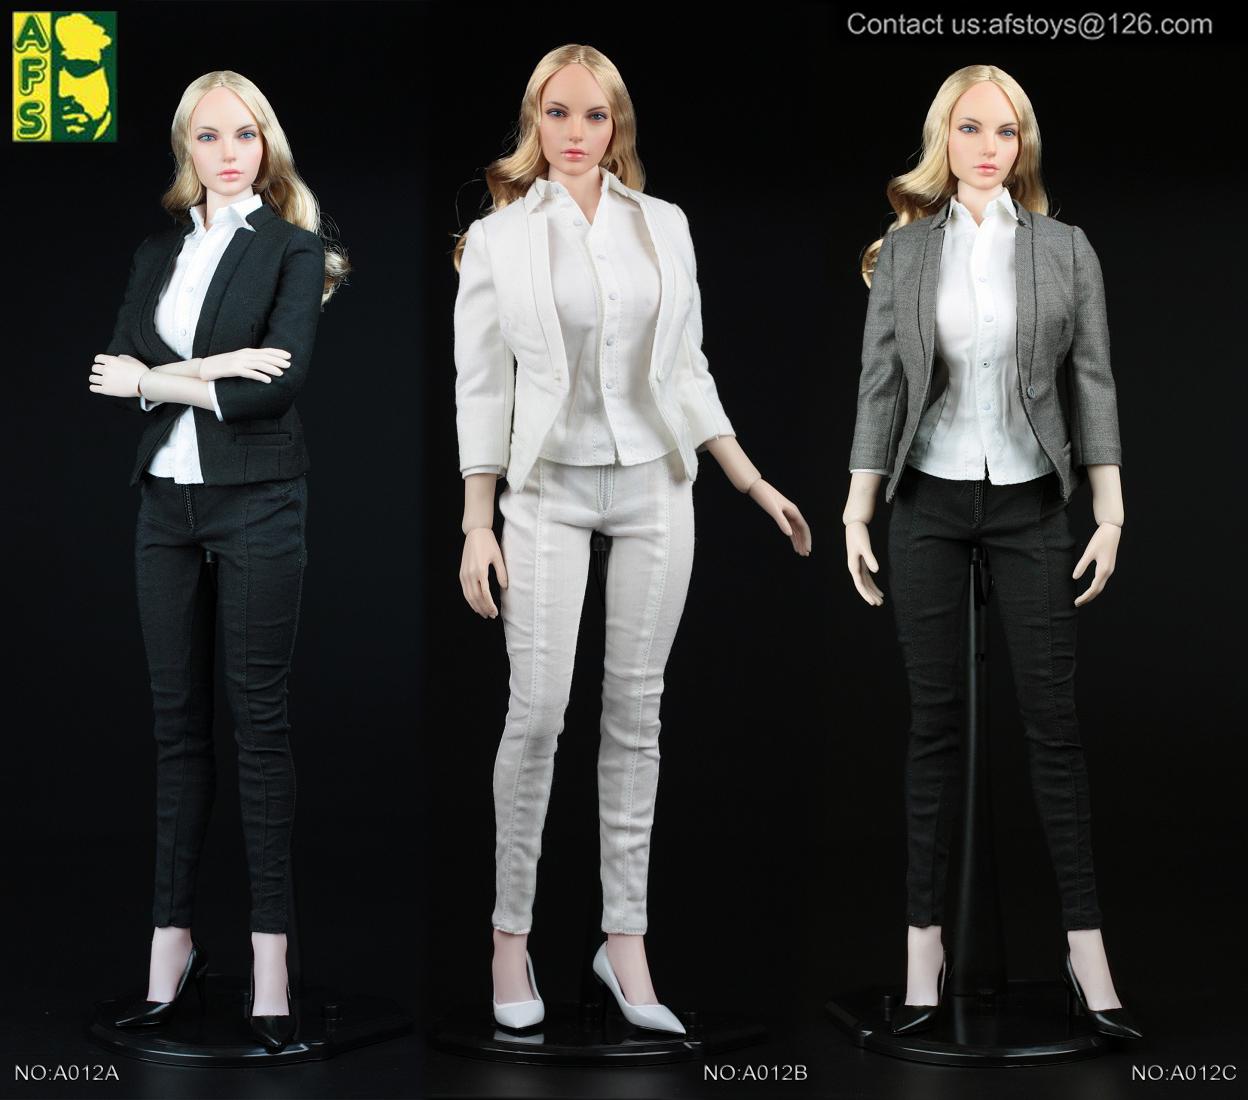 AFS TOYS A012 Women's slim suit